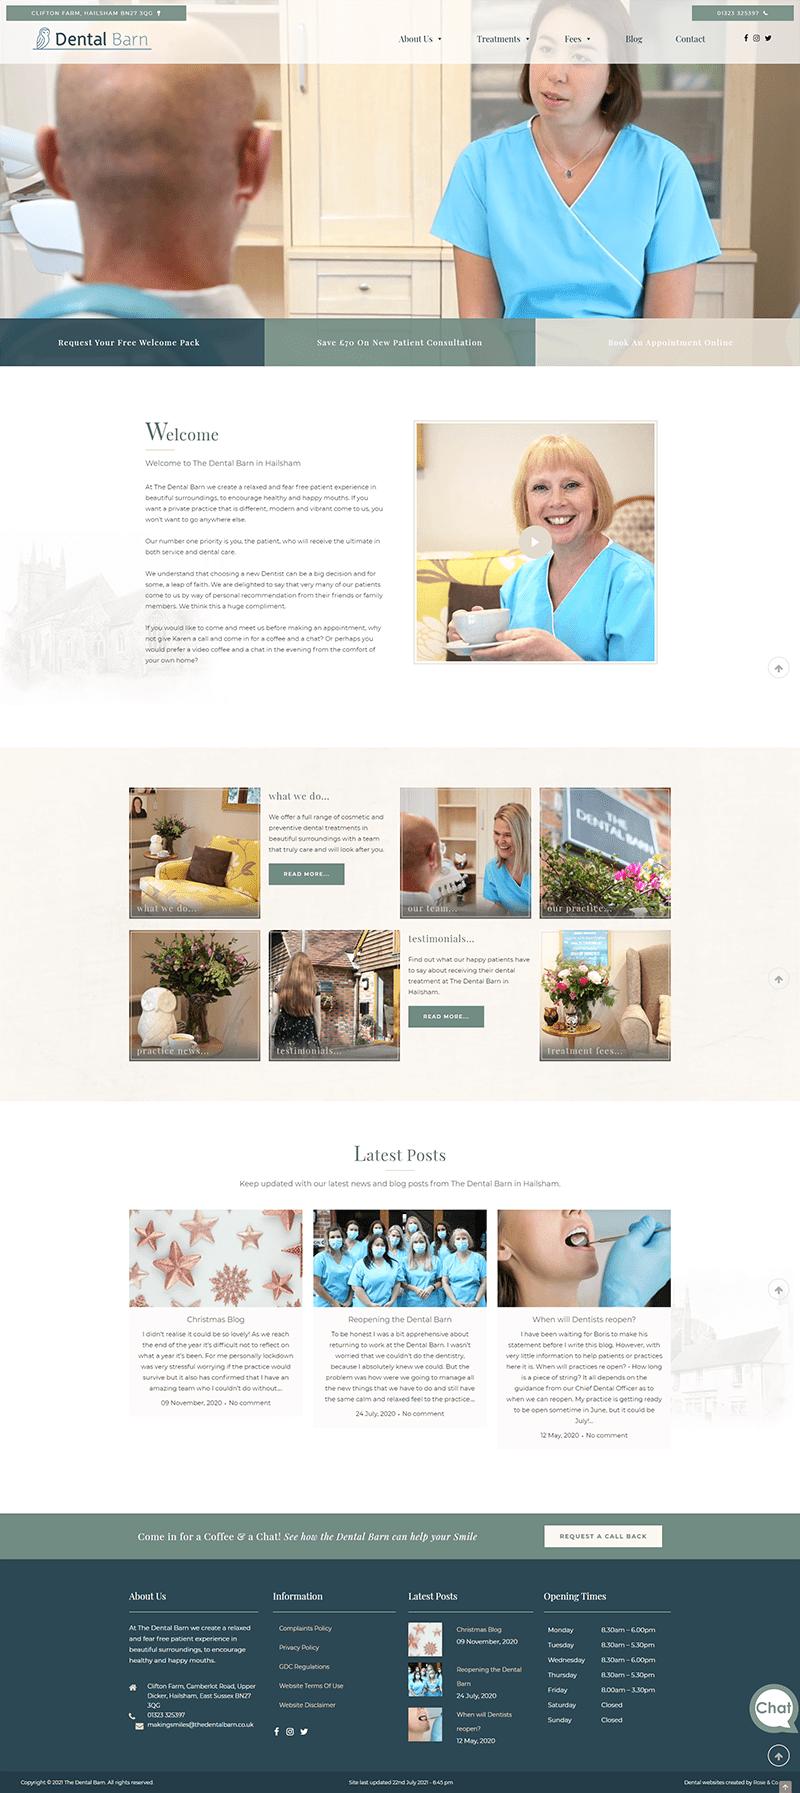 the dental barn website designer